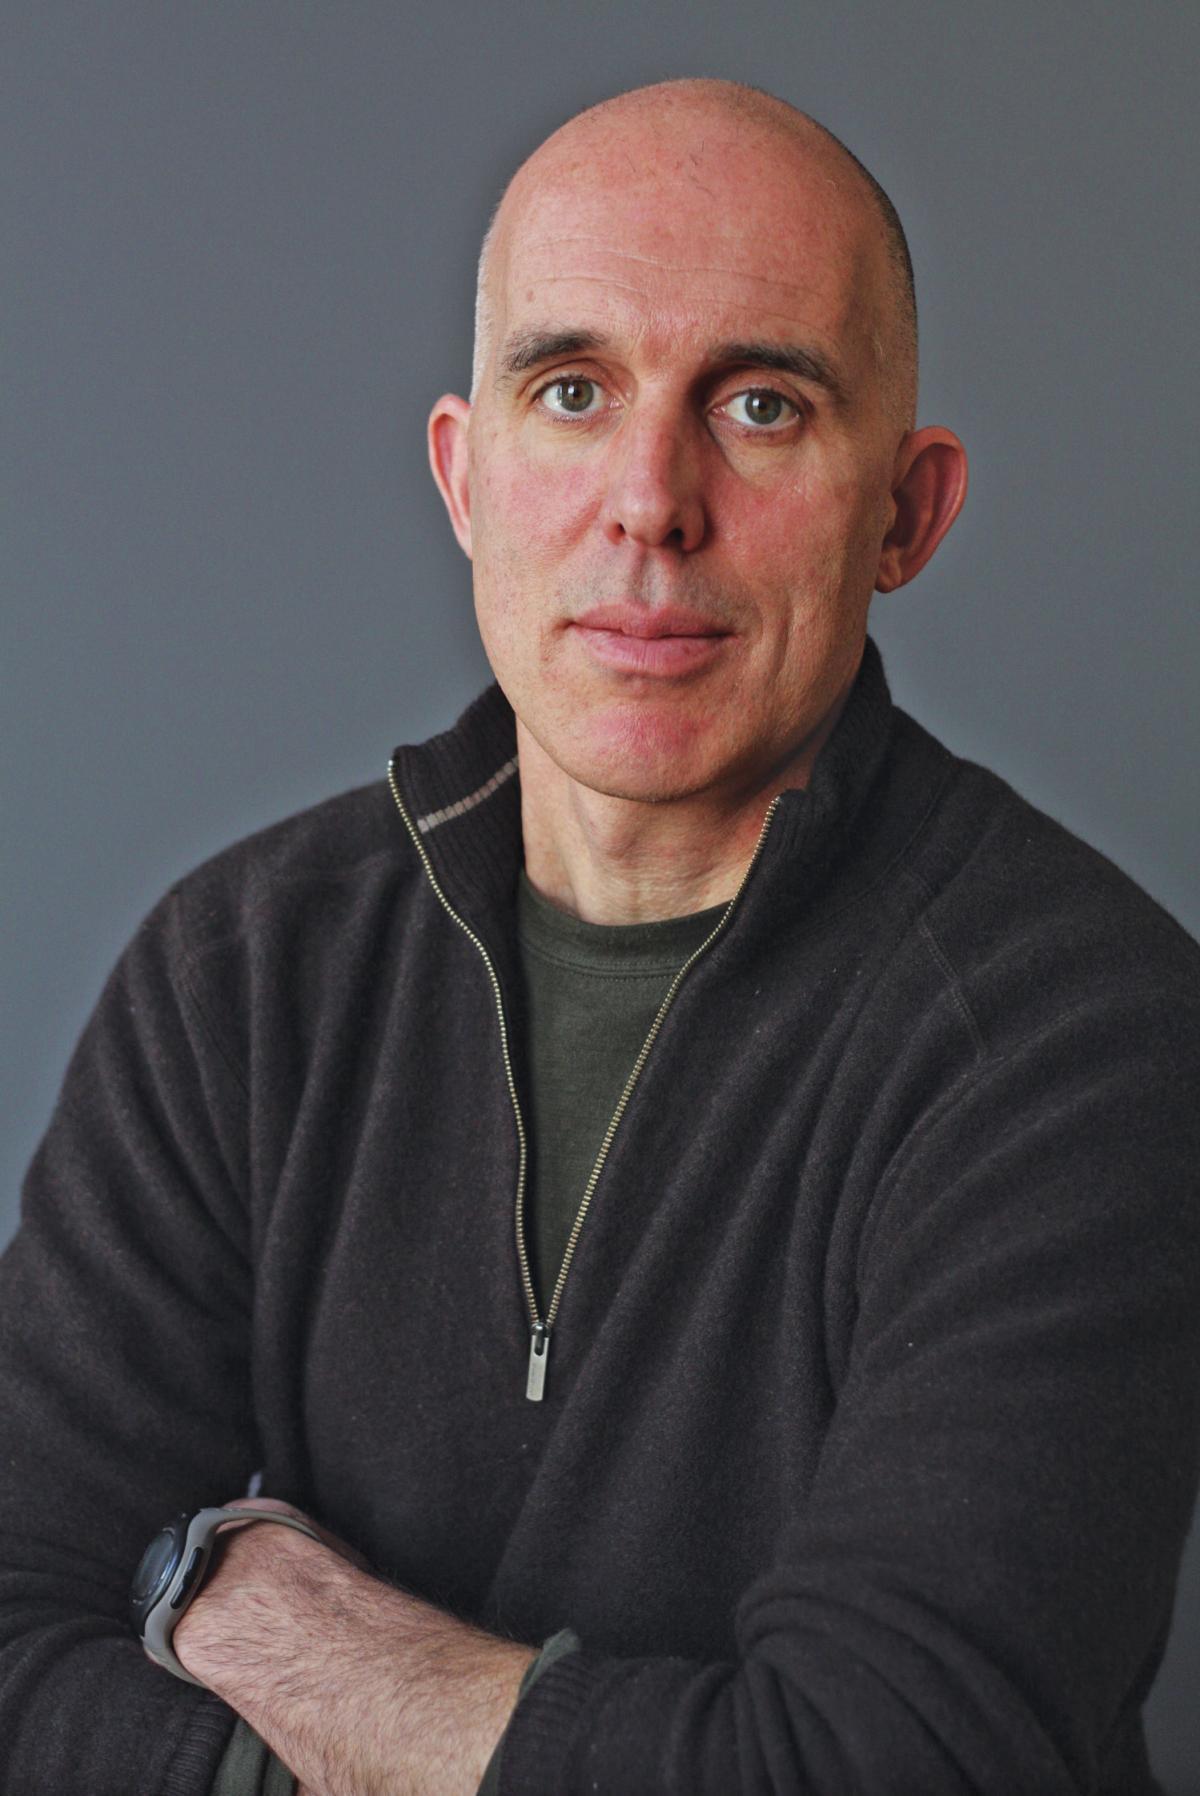 Christopher McDougall's previous book was Born to Run.